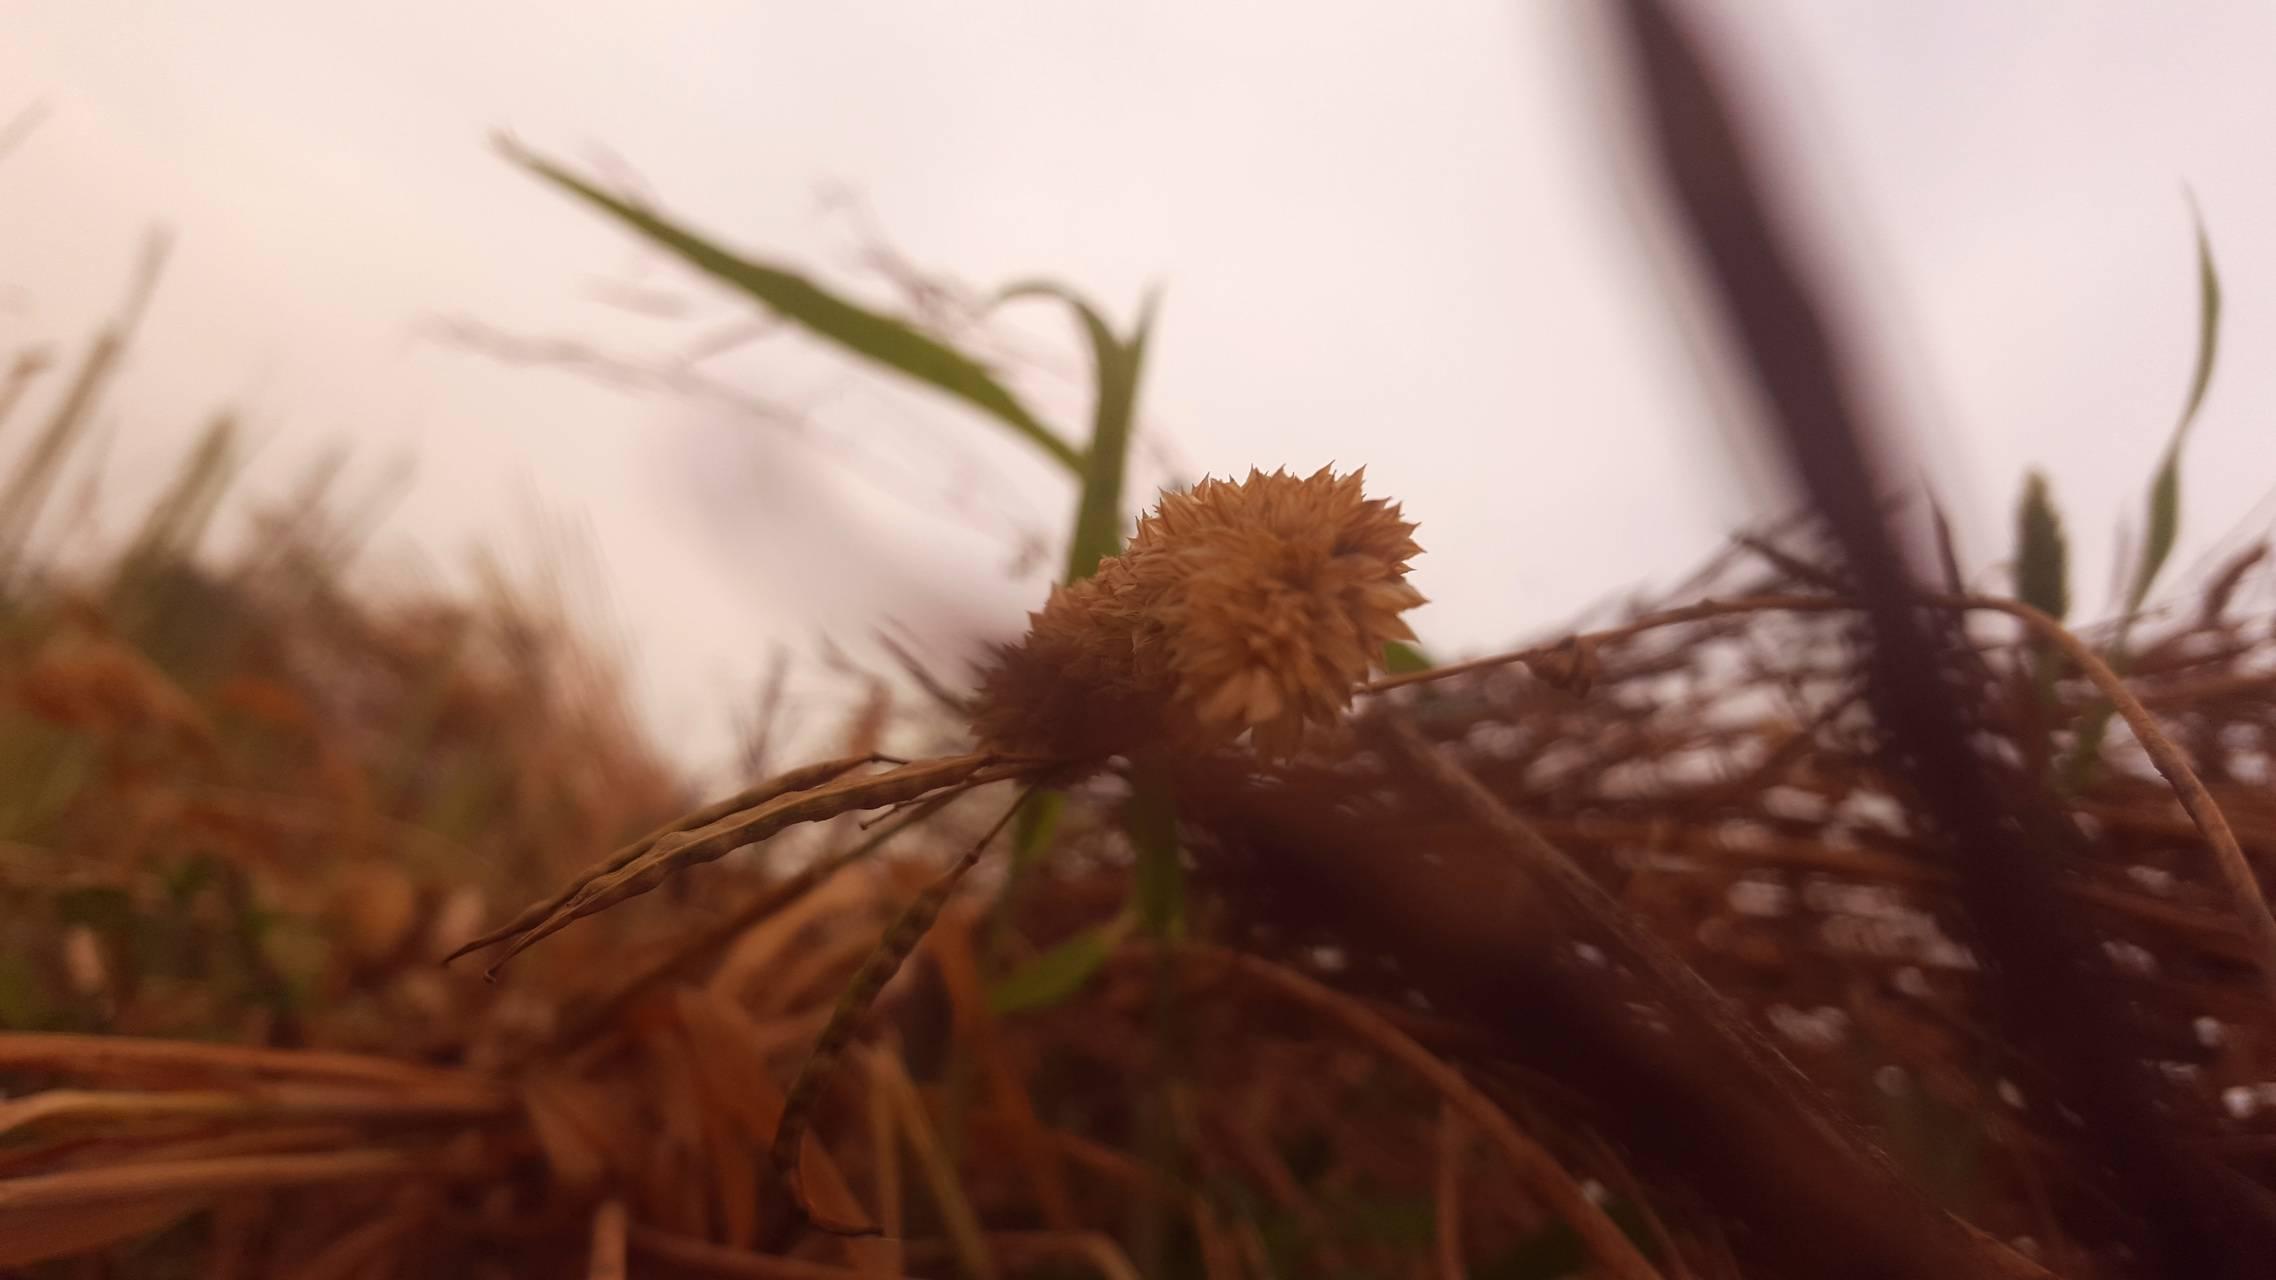 Wheatplant